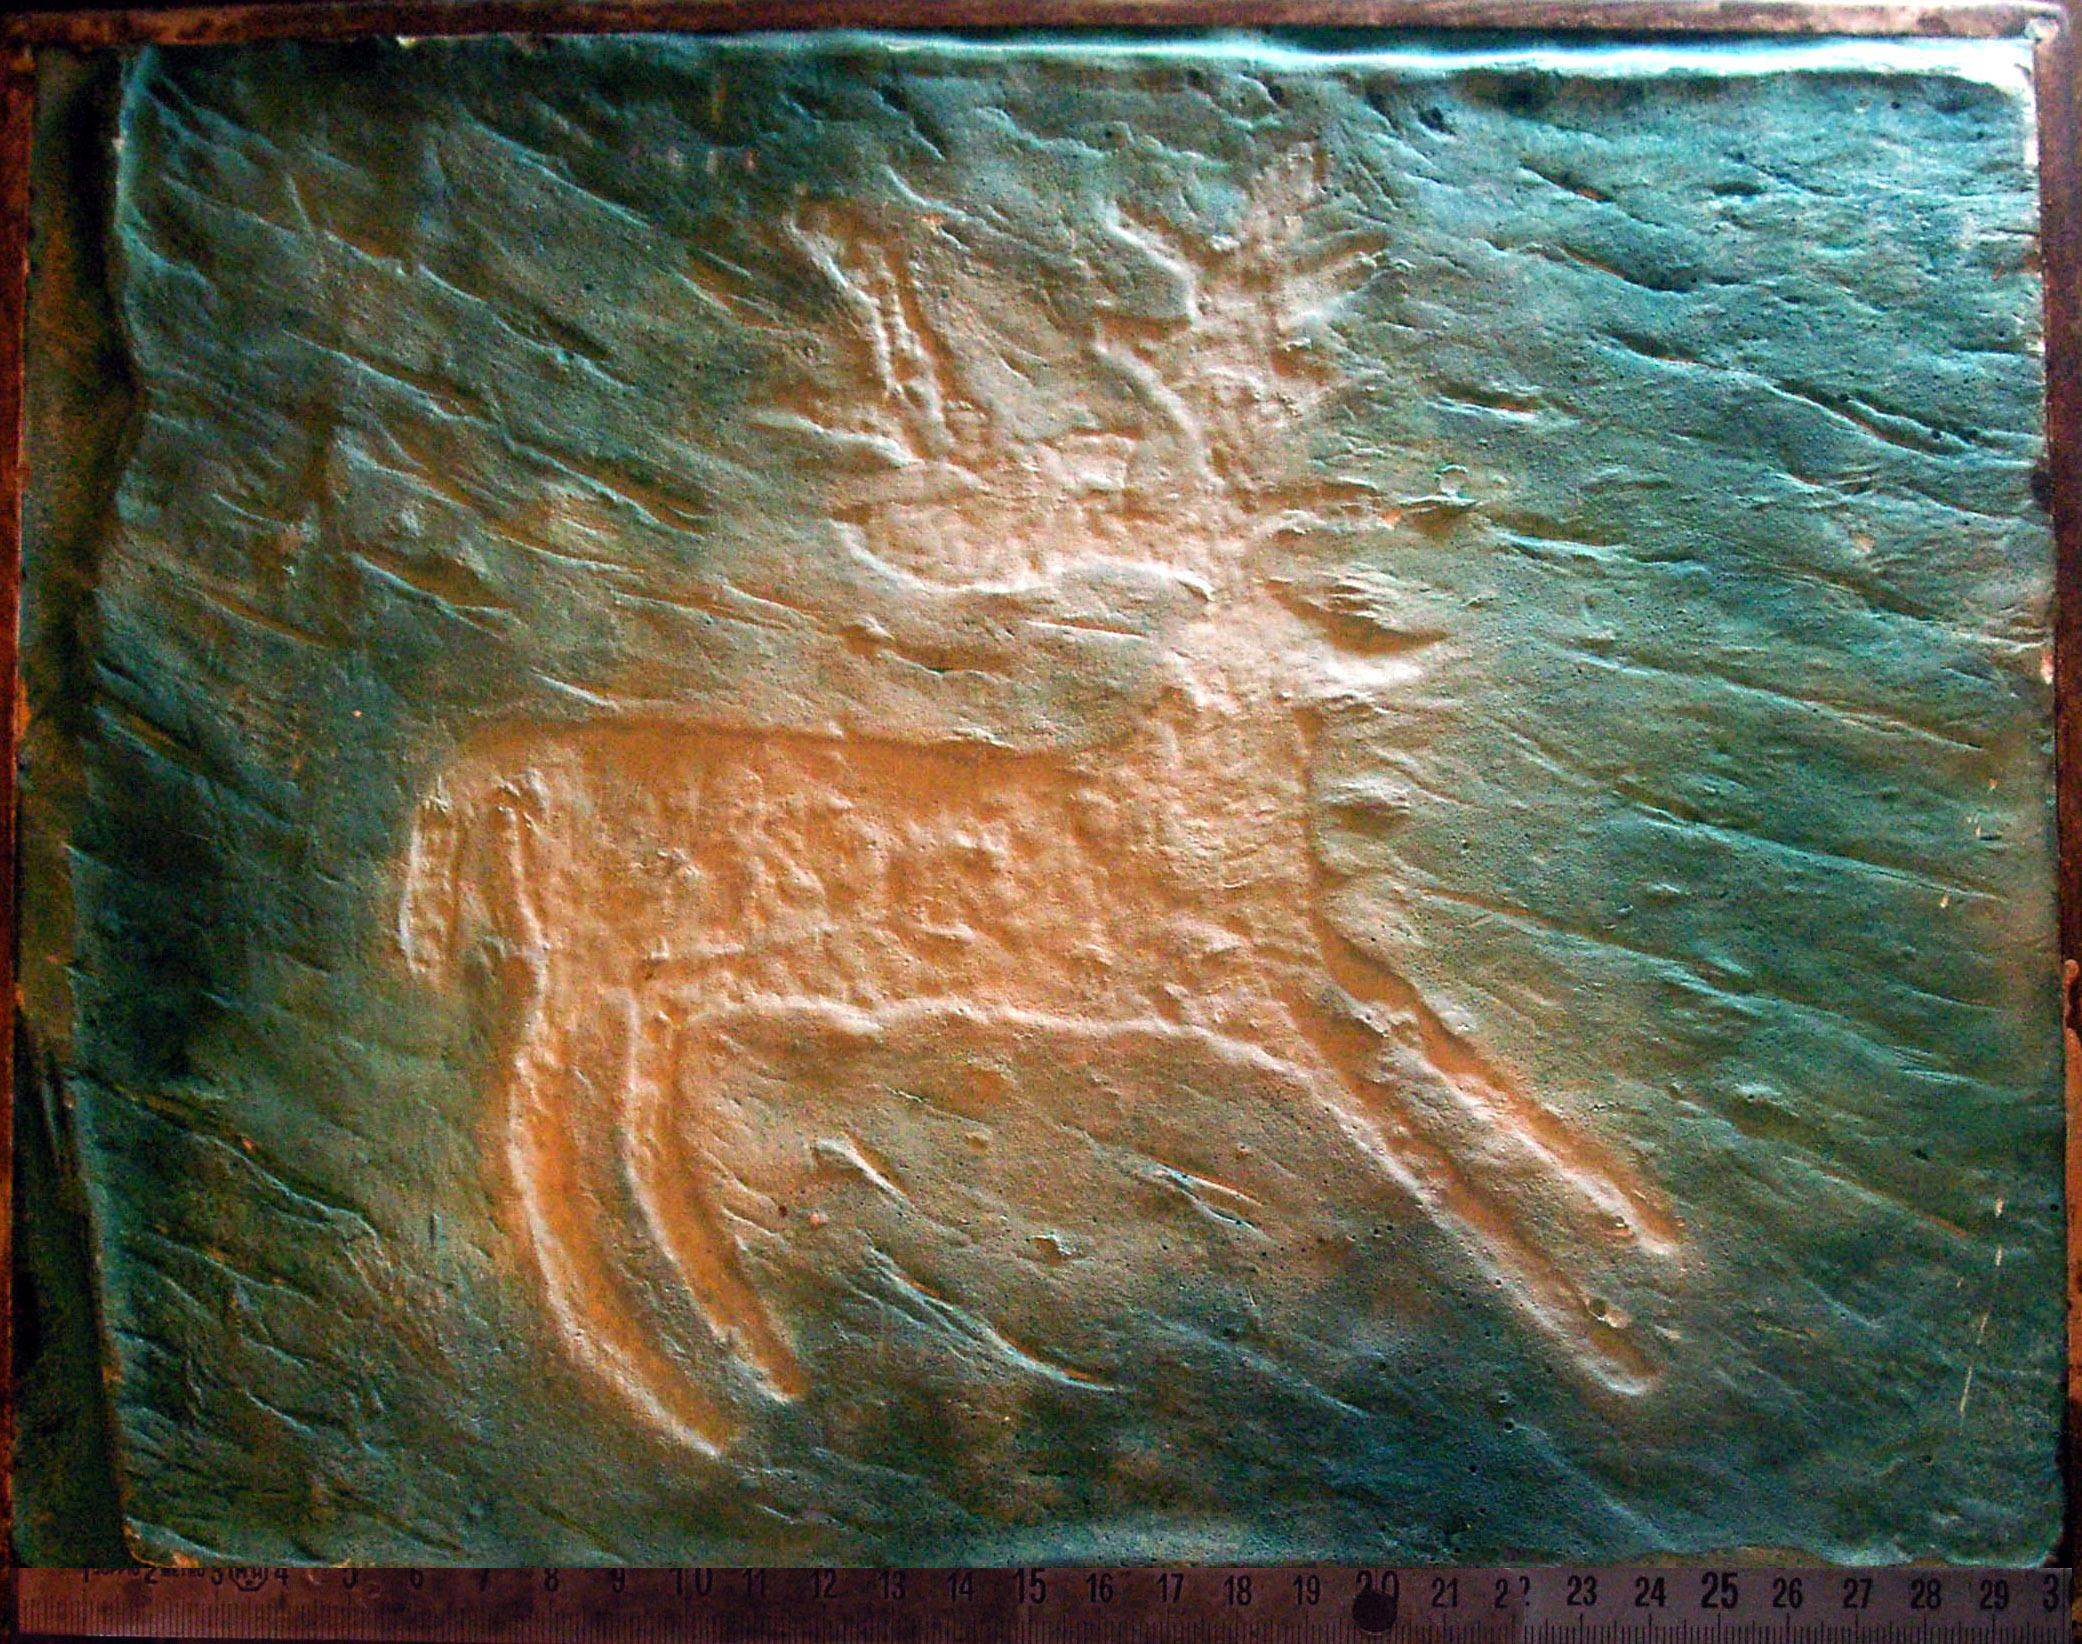 Incisioni rupestri della val camonica wikiwand for Immagini di cani da colorare